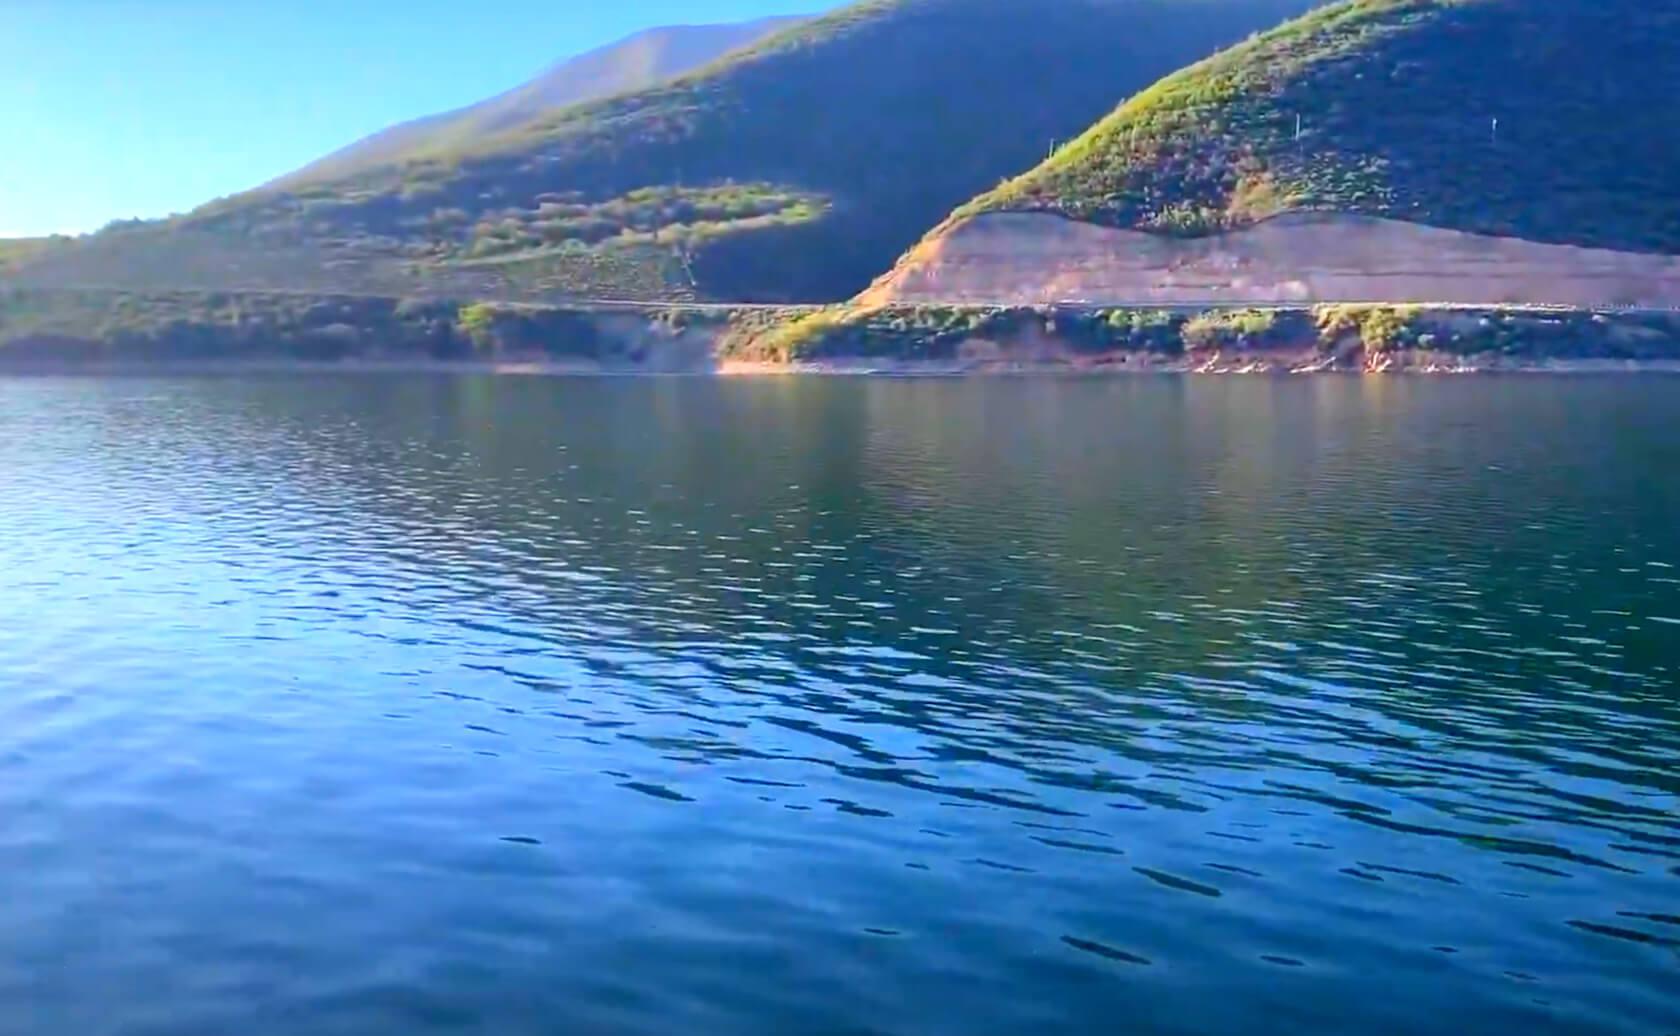 Deer-Creek-Lake-Fishing-Guide-Report-Utah-04